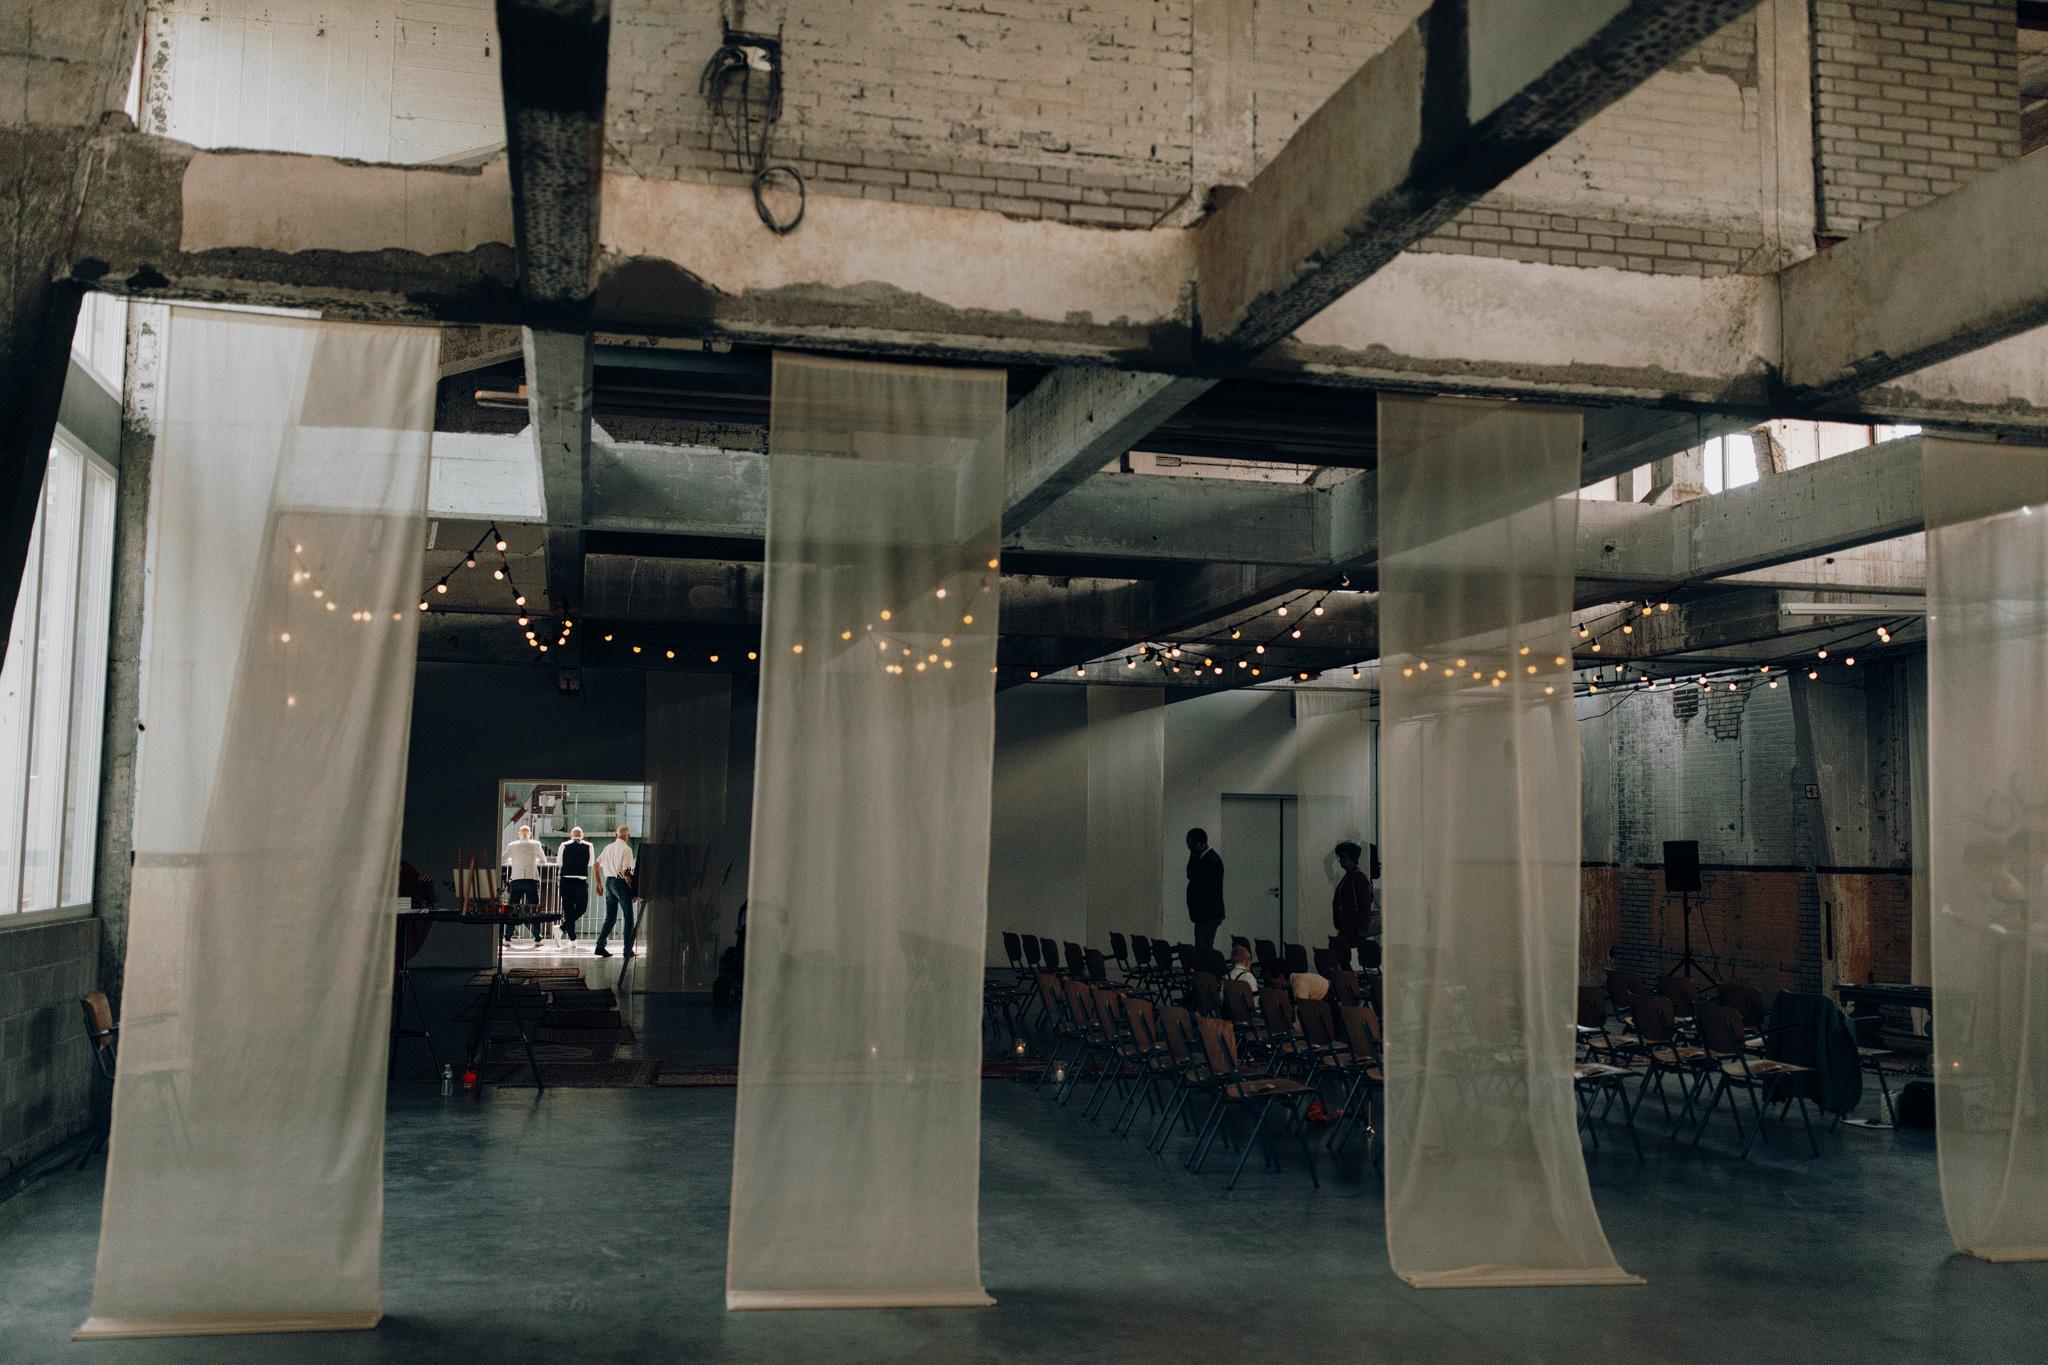 Trouw ceremonie in CHV Noordkade met hangende doeken in industriele zaal